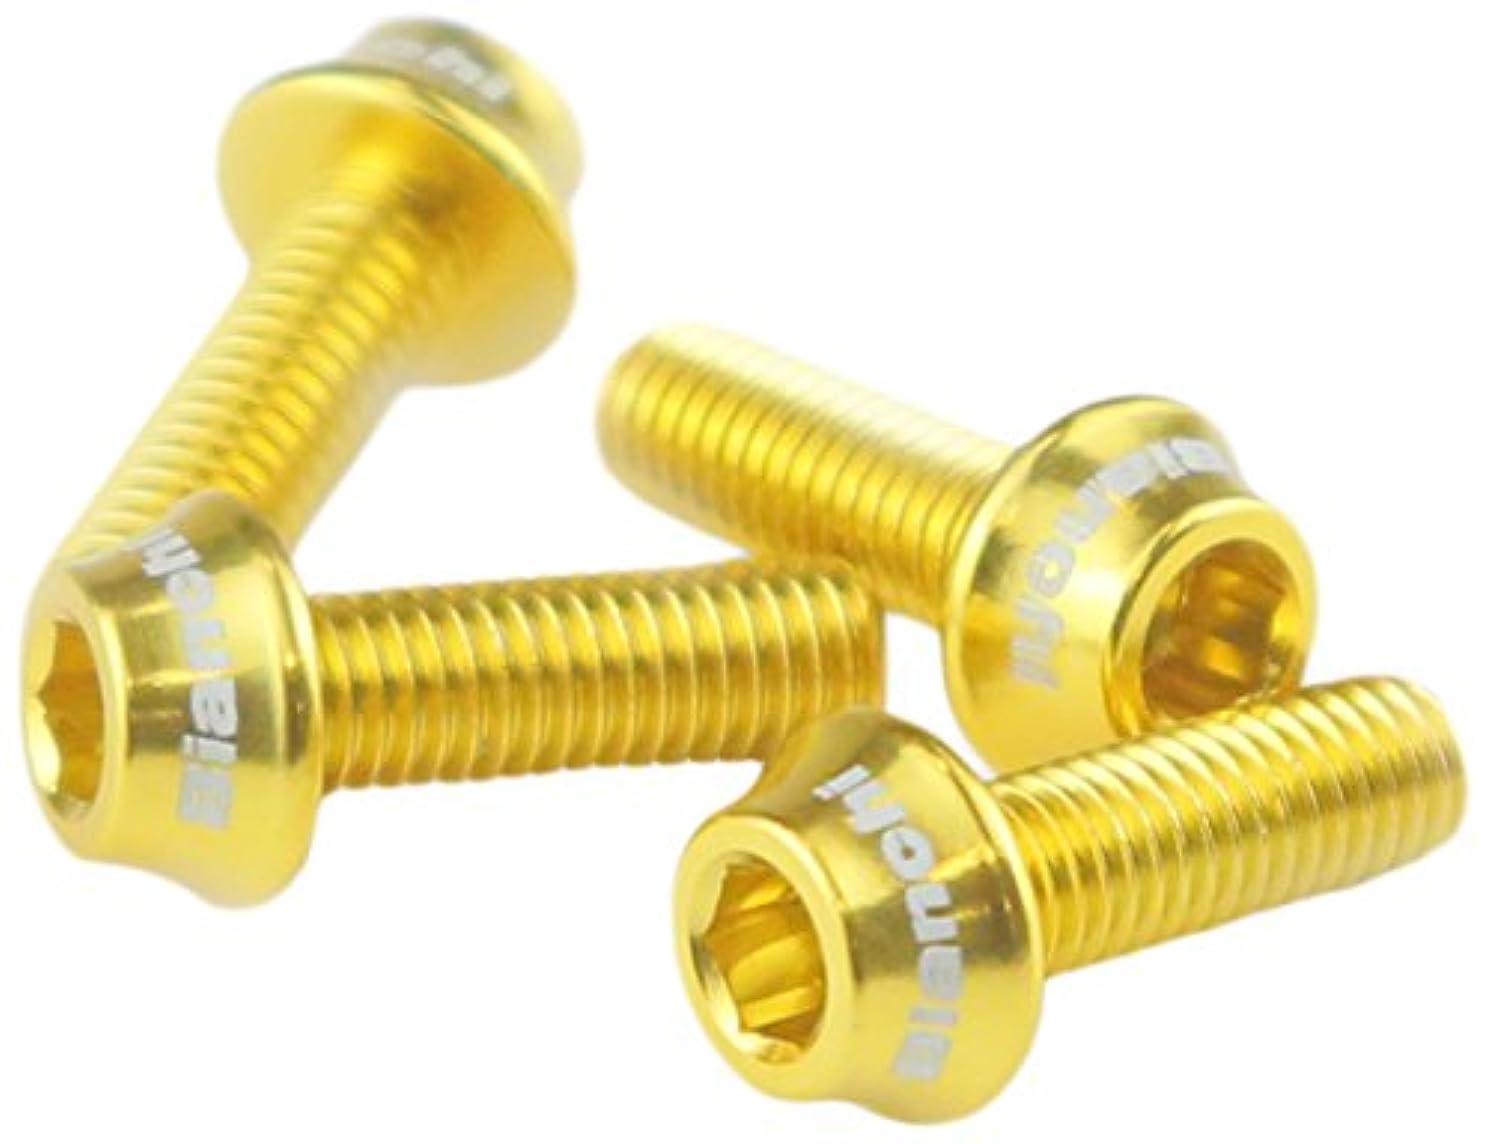 変数クラッチボリュームBianchi(ビアンキ) ボトルケージボルト A ゴールド JPP0207001GO000